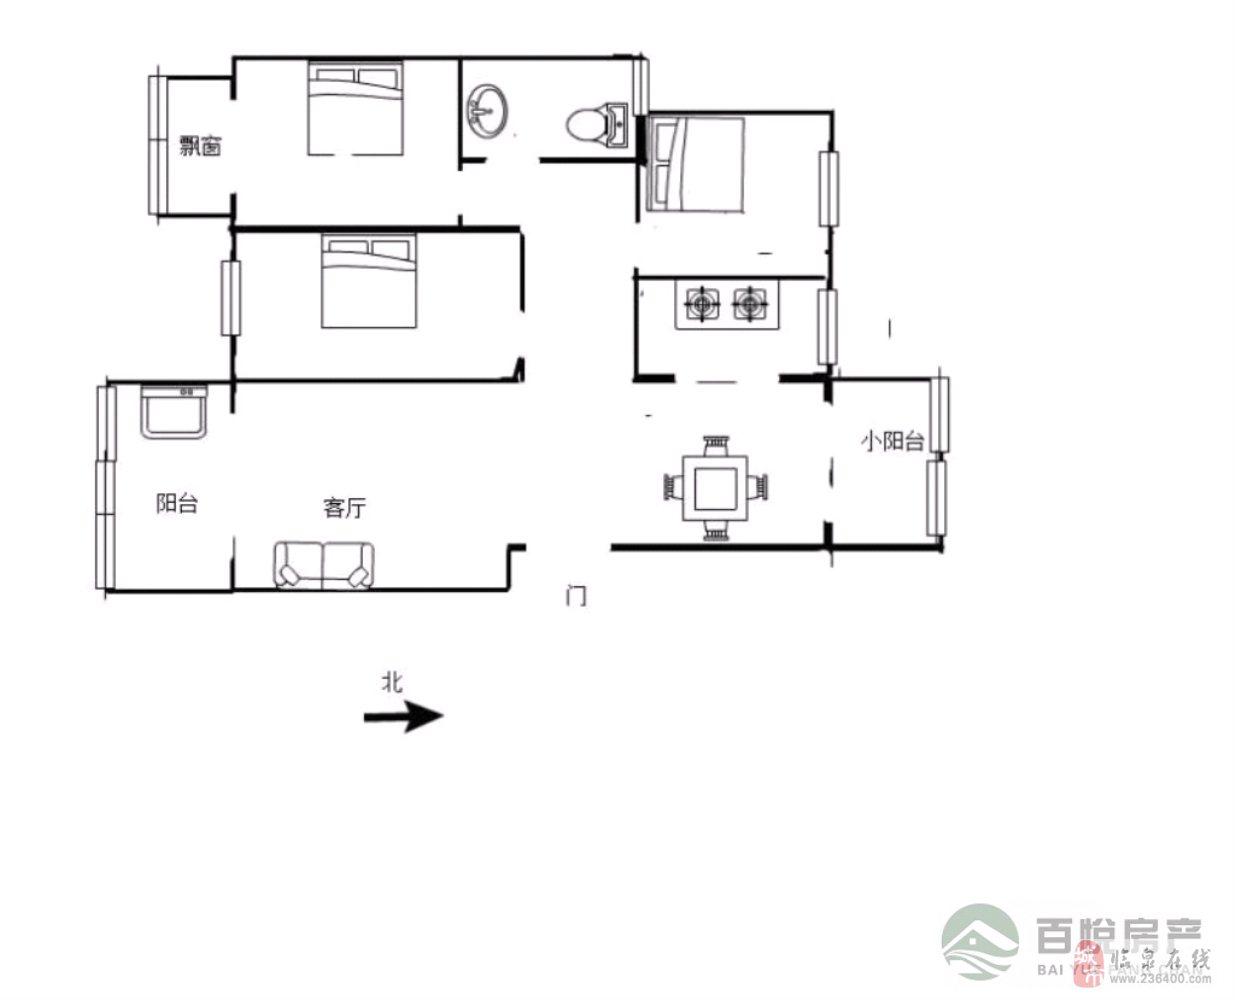 稀缺:皇家翰林静波三室精装三房有证税少可按揭限售!